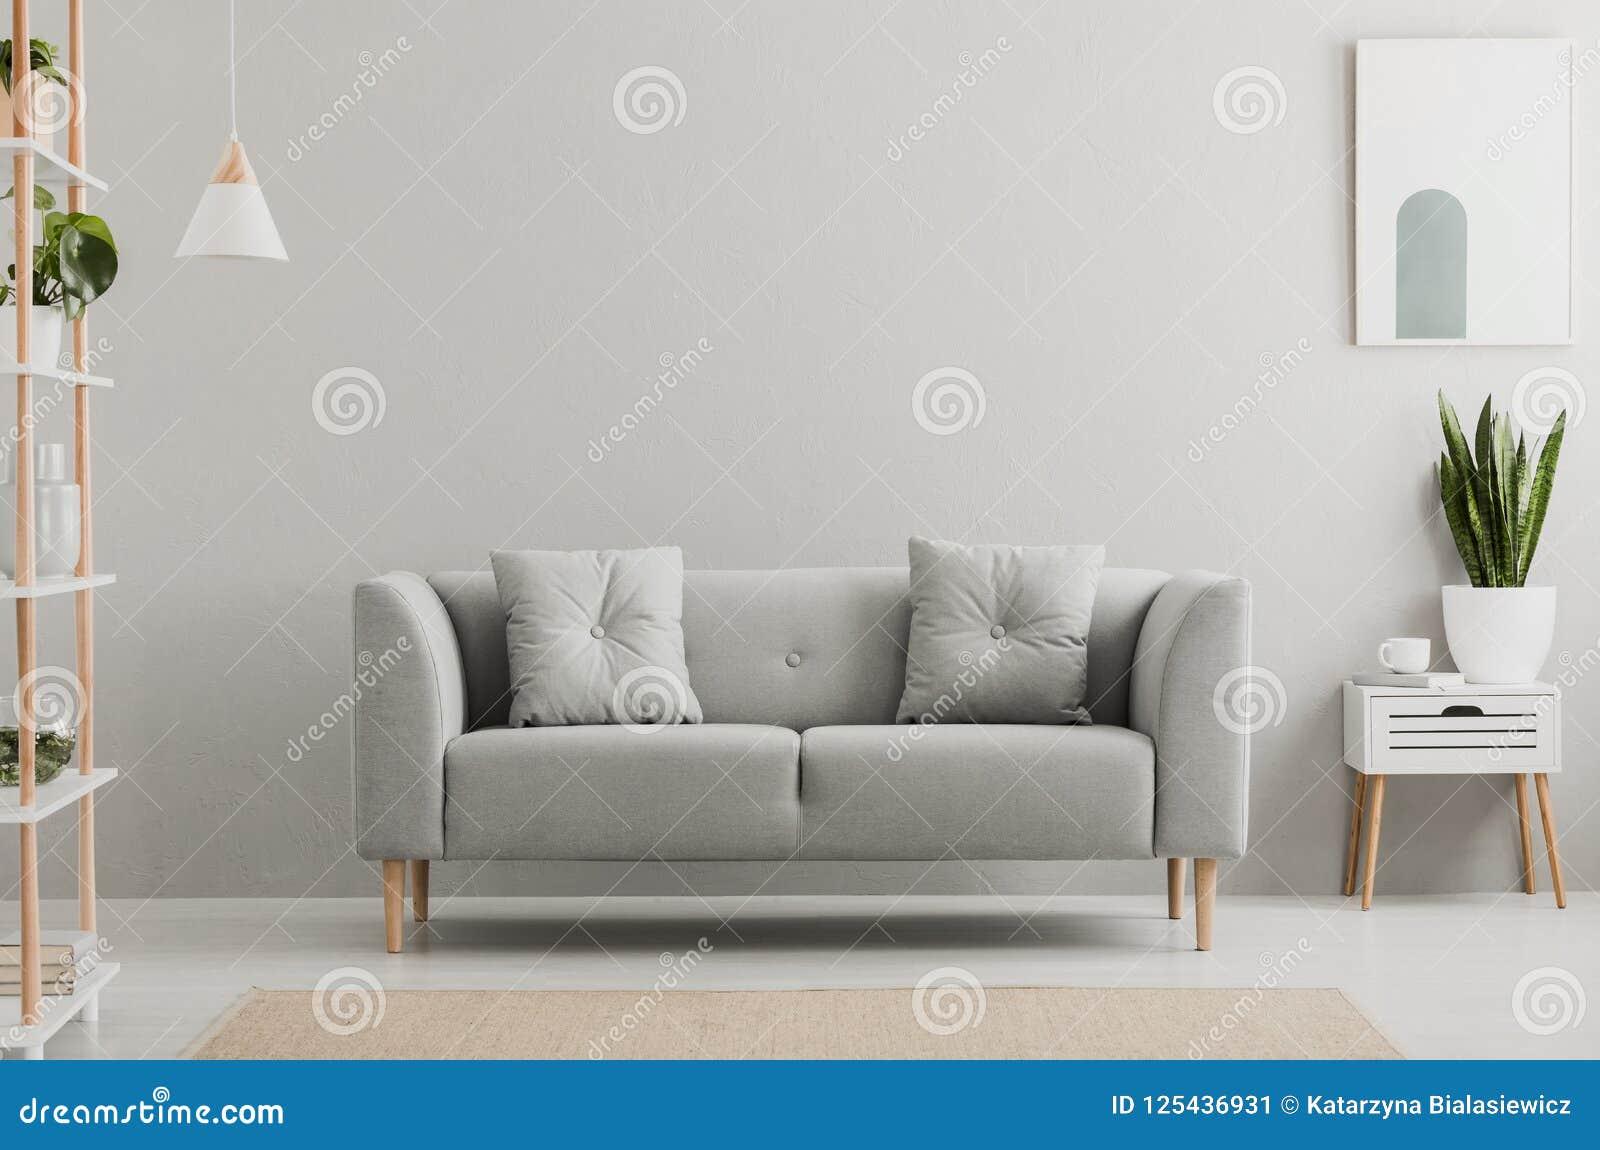 Affiche boven wit kabinet met installatie naast grijze bank in simpl